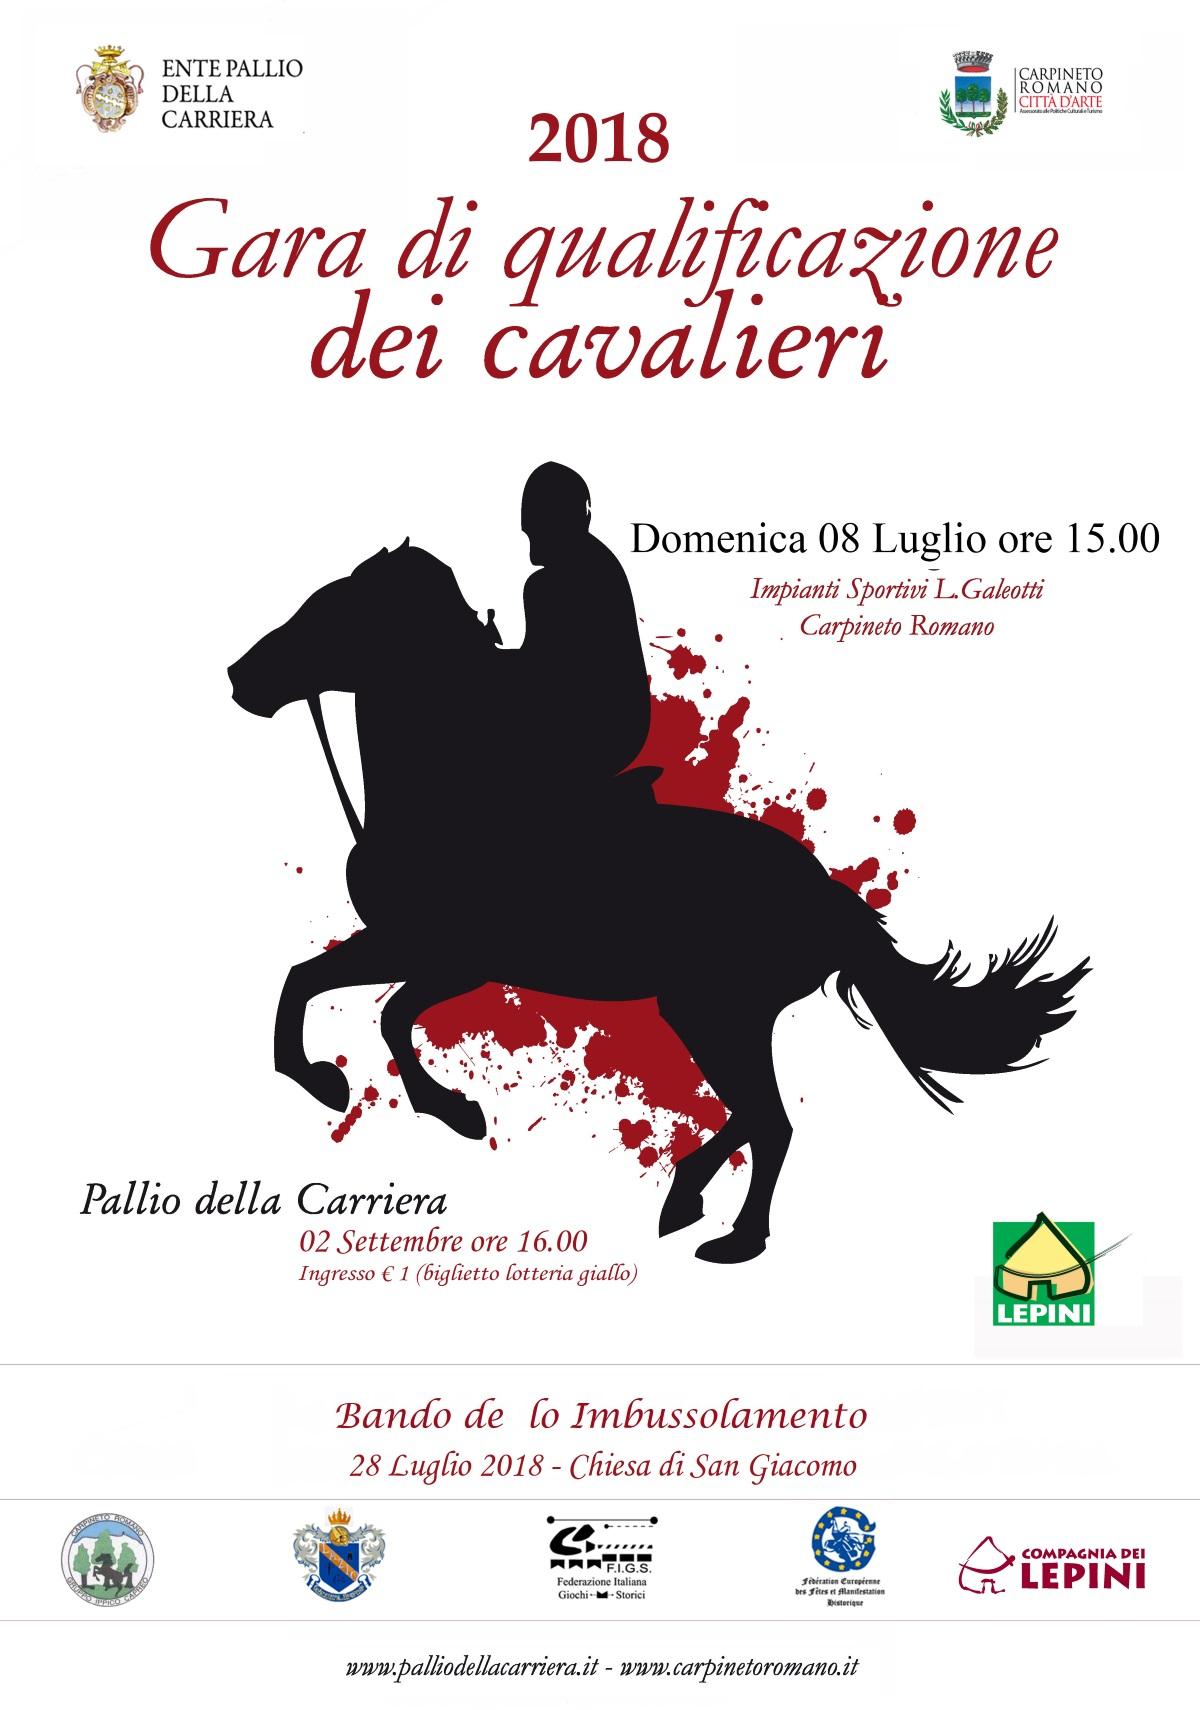 Carpineto Romano: Gara di qualificazione dei cavalieri 2018 @ Impianti Sportivi L. Galeotti | Carpineto Romano | Lazio | Italia